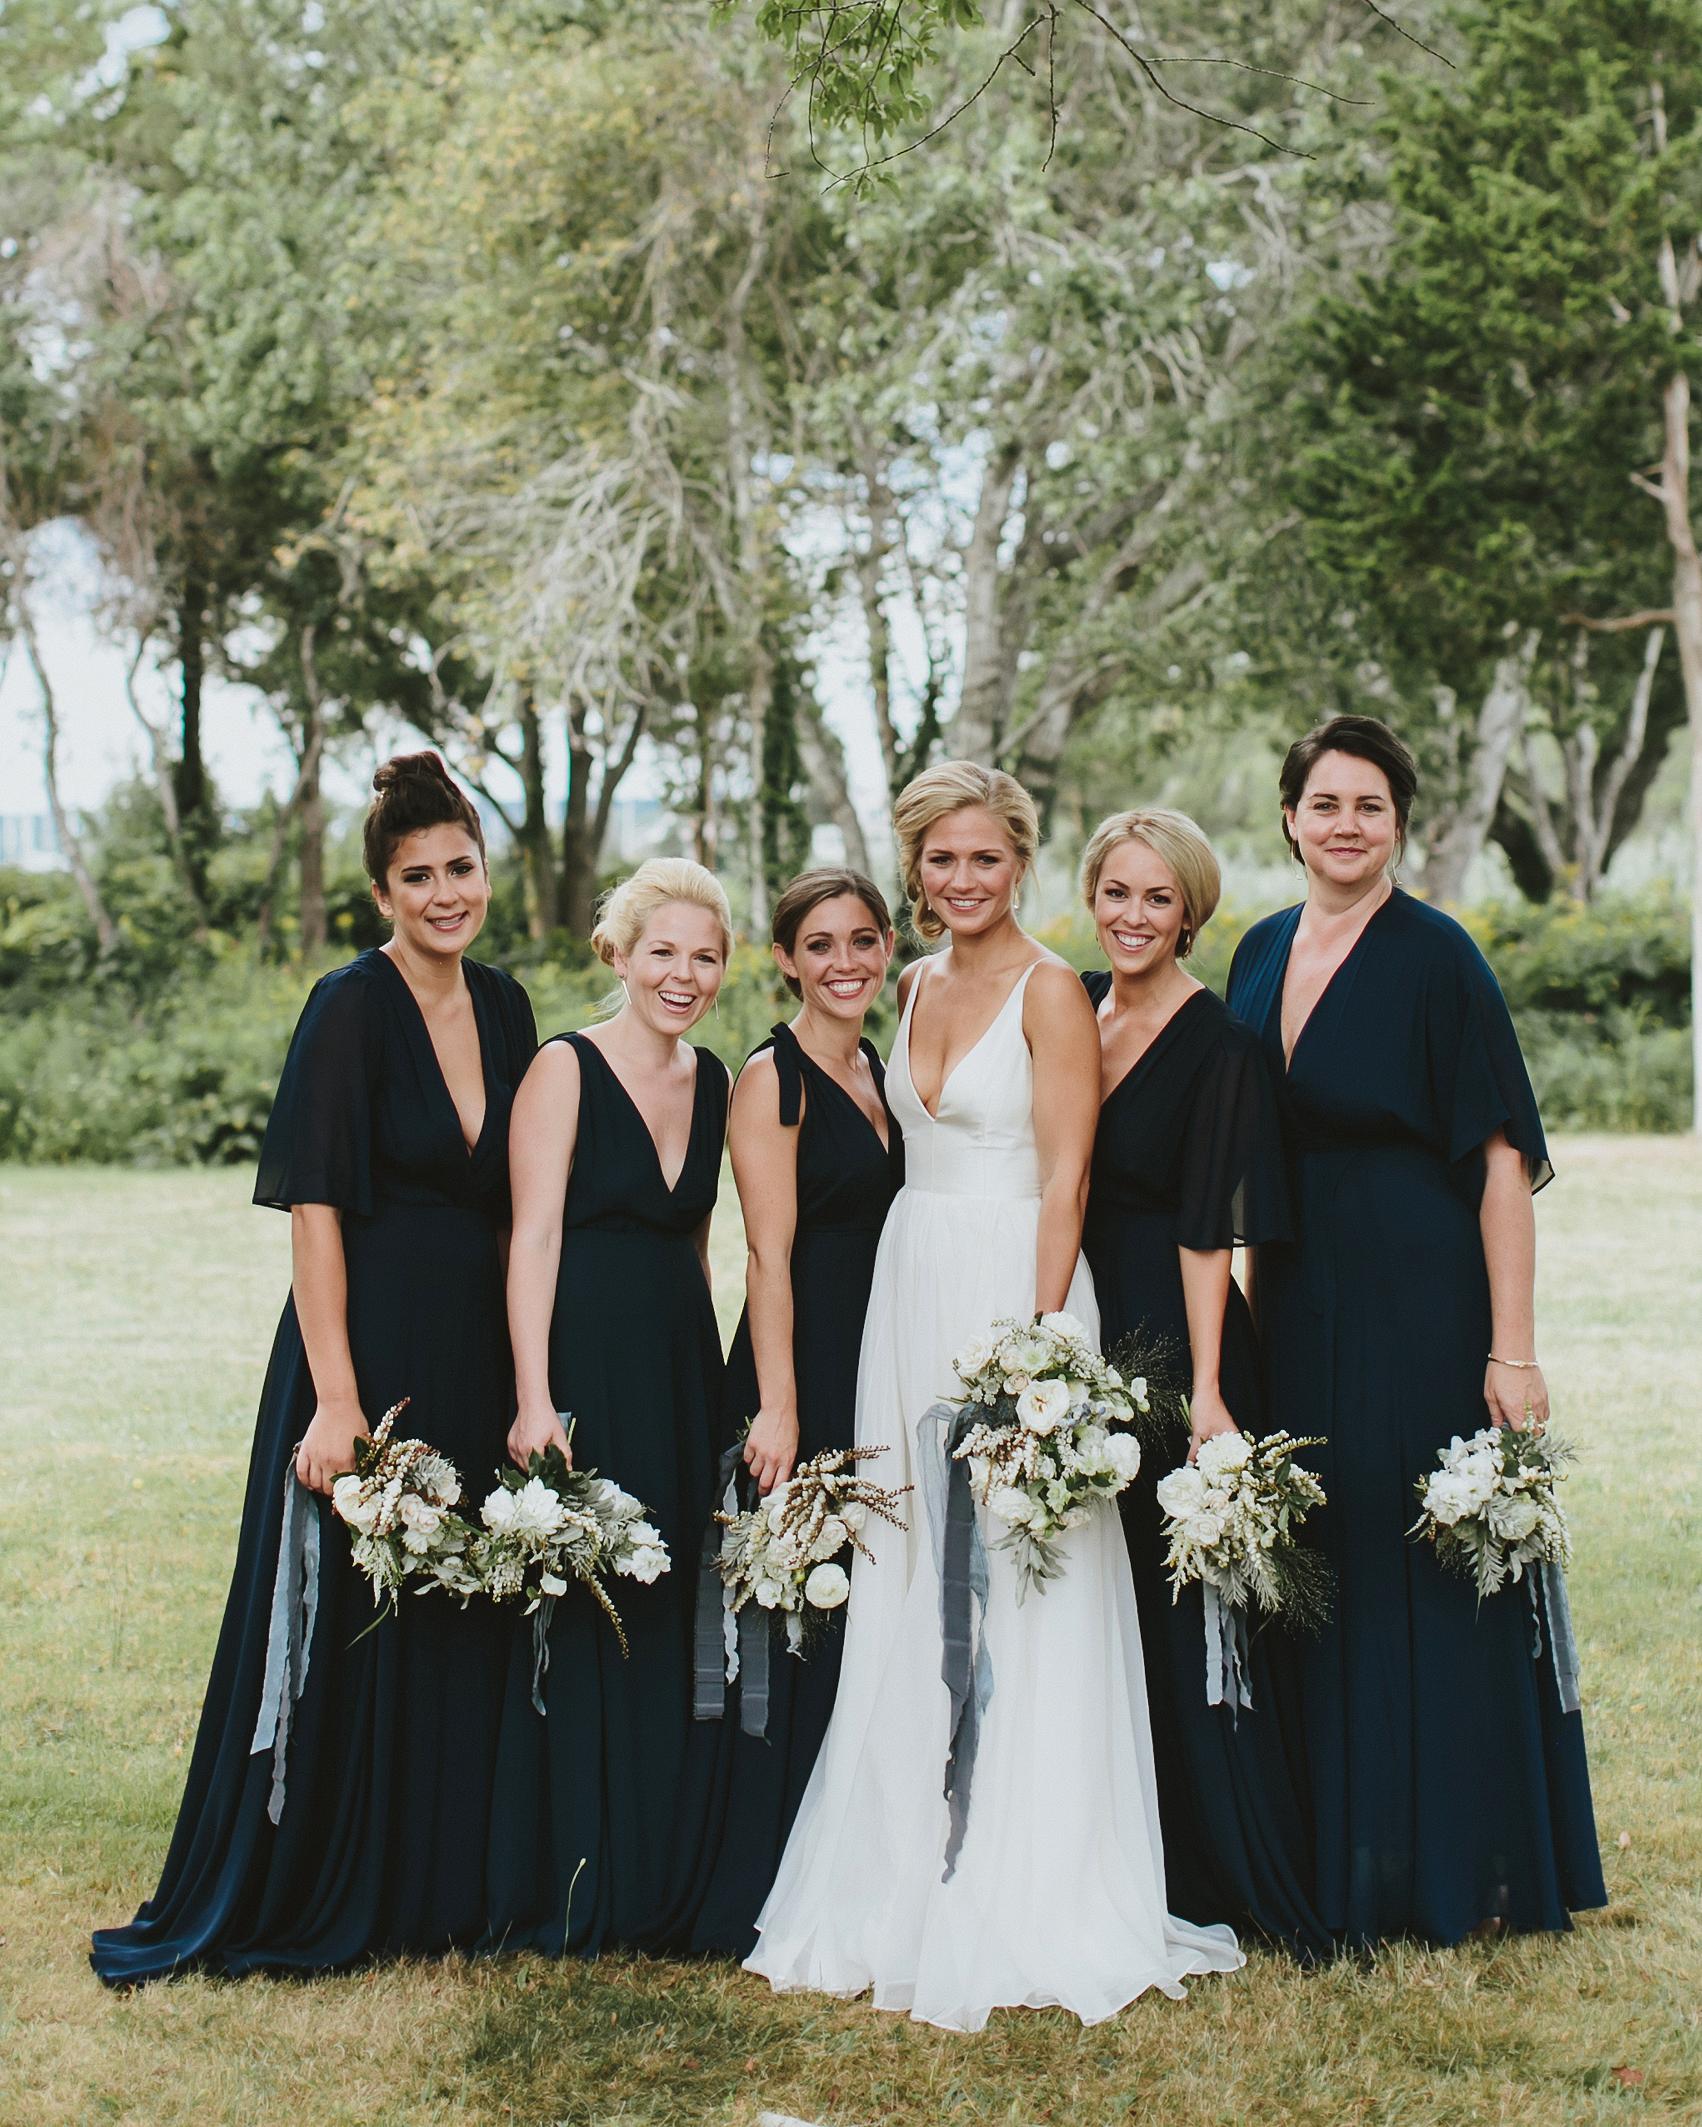 hadley corey wedding bridesmaids